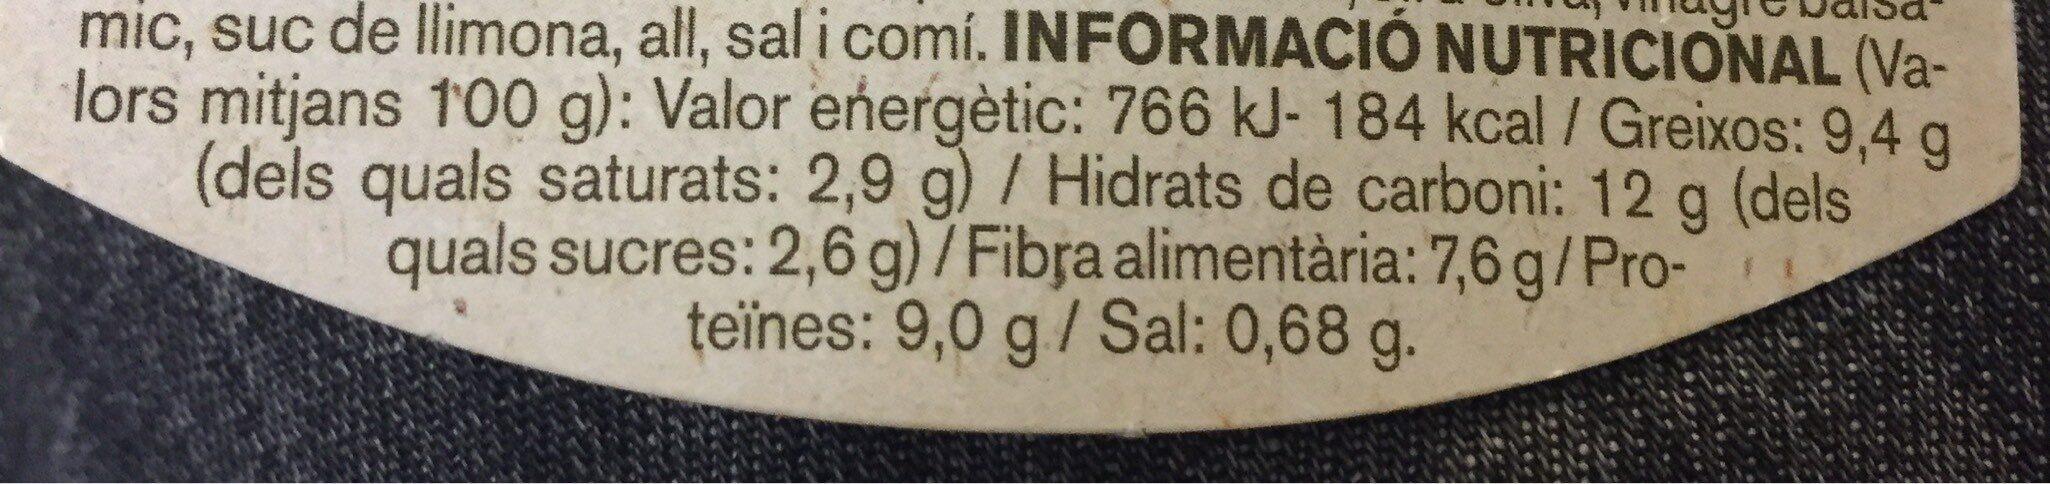 HUMMUS REMOLATXA - Información nutricional